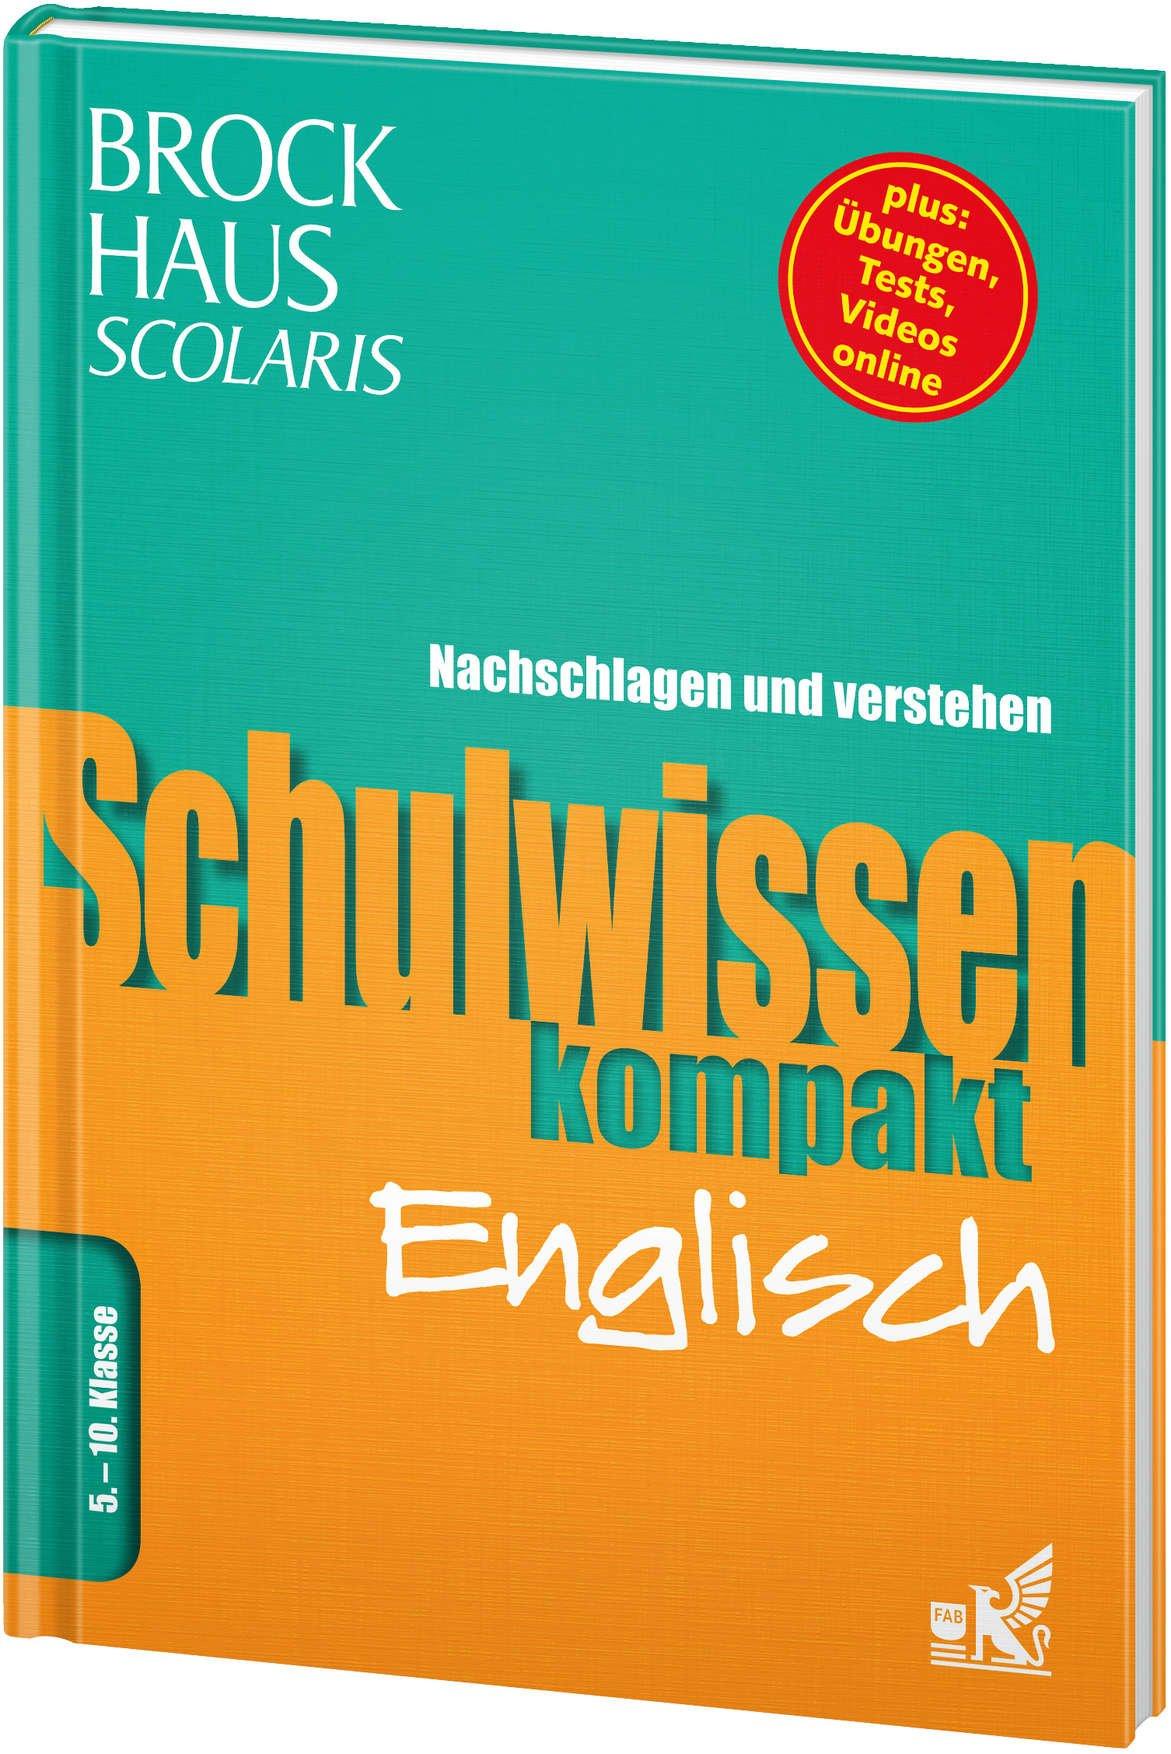 Brockhaus Scolaris Schulwissen kompakt Englisch 5. - 10. Klasse: Nachschlagen und verstehen